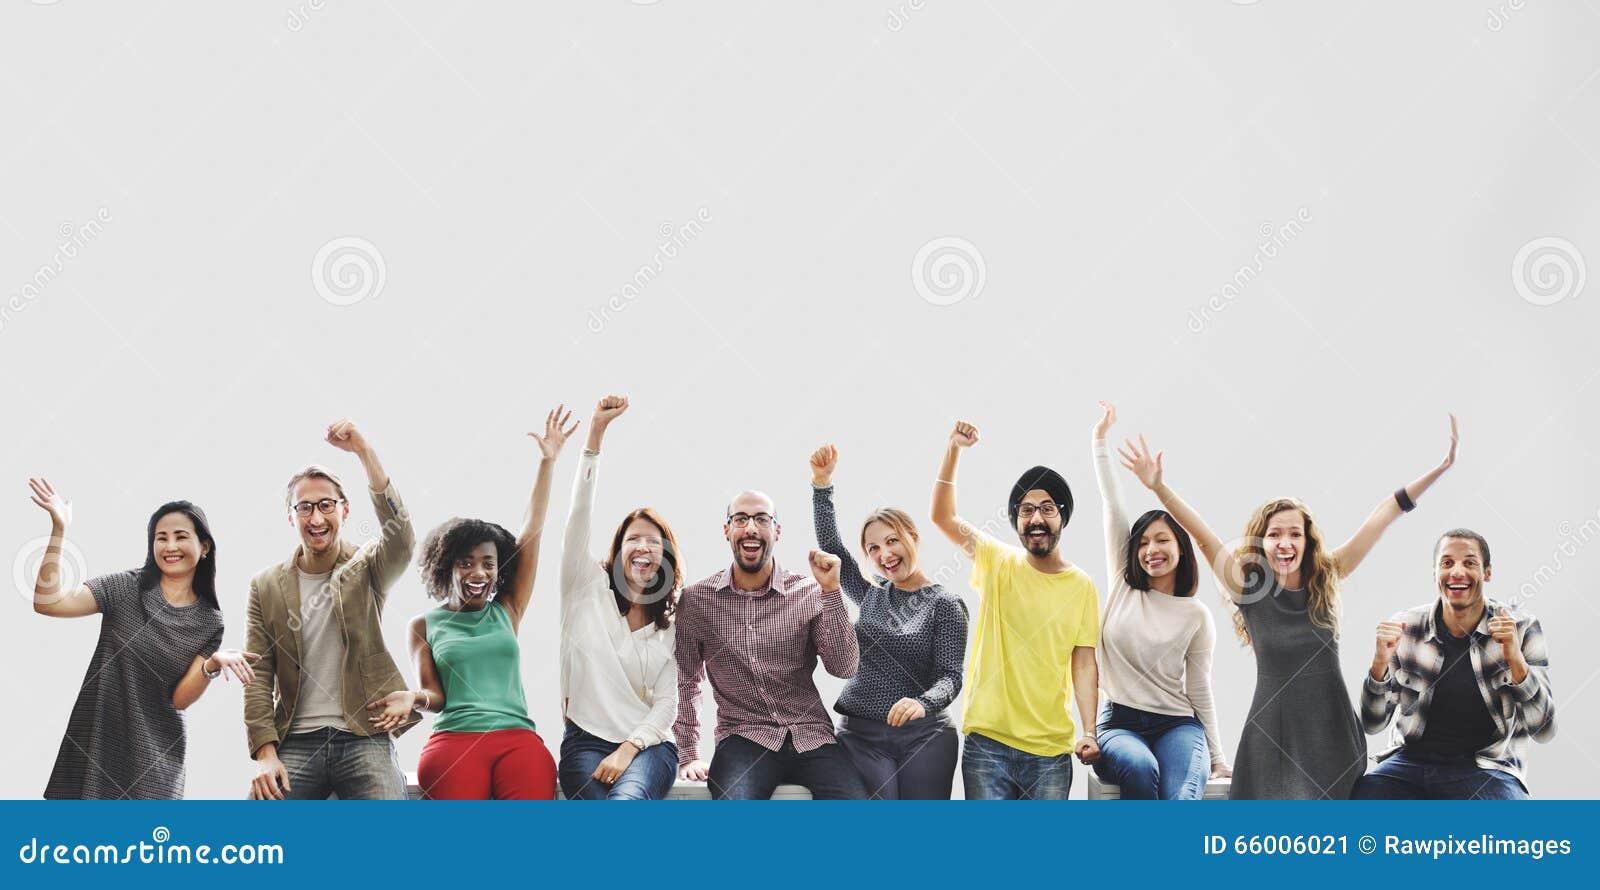 Έννοια στόχων επιτυχίας επιτεύγματος ομάδας φίλων ποικιλομορφίας